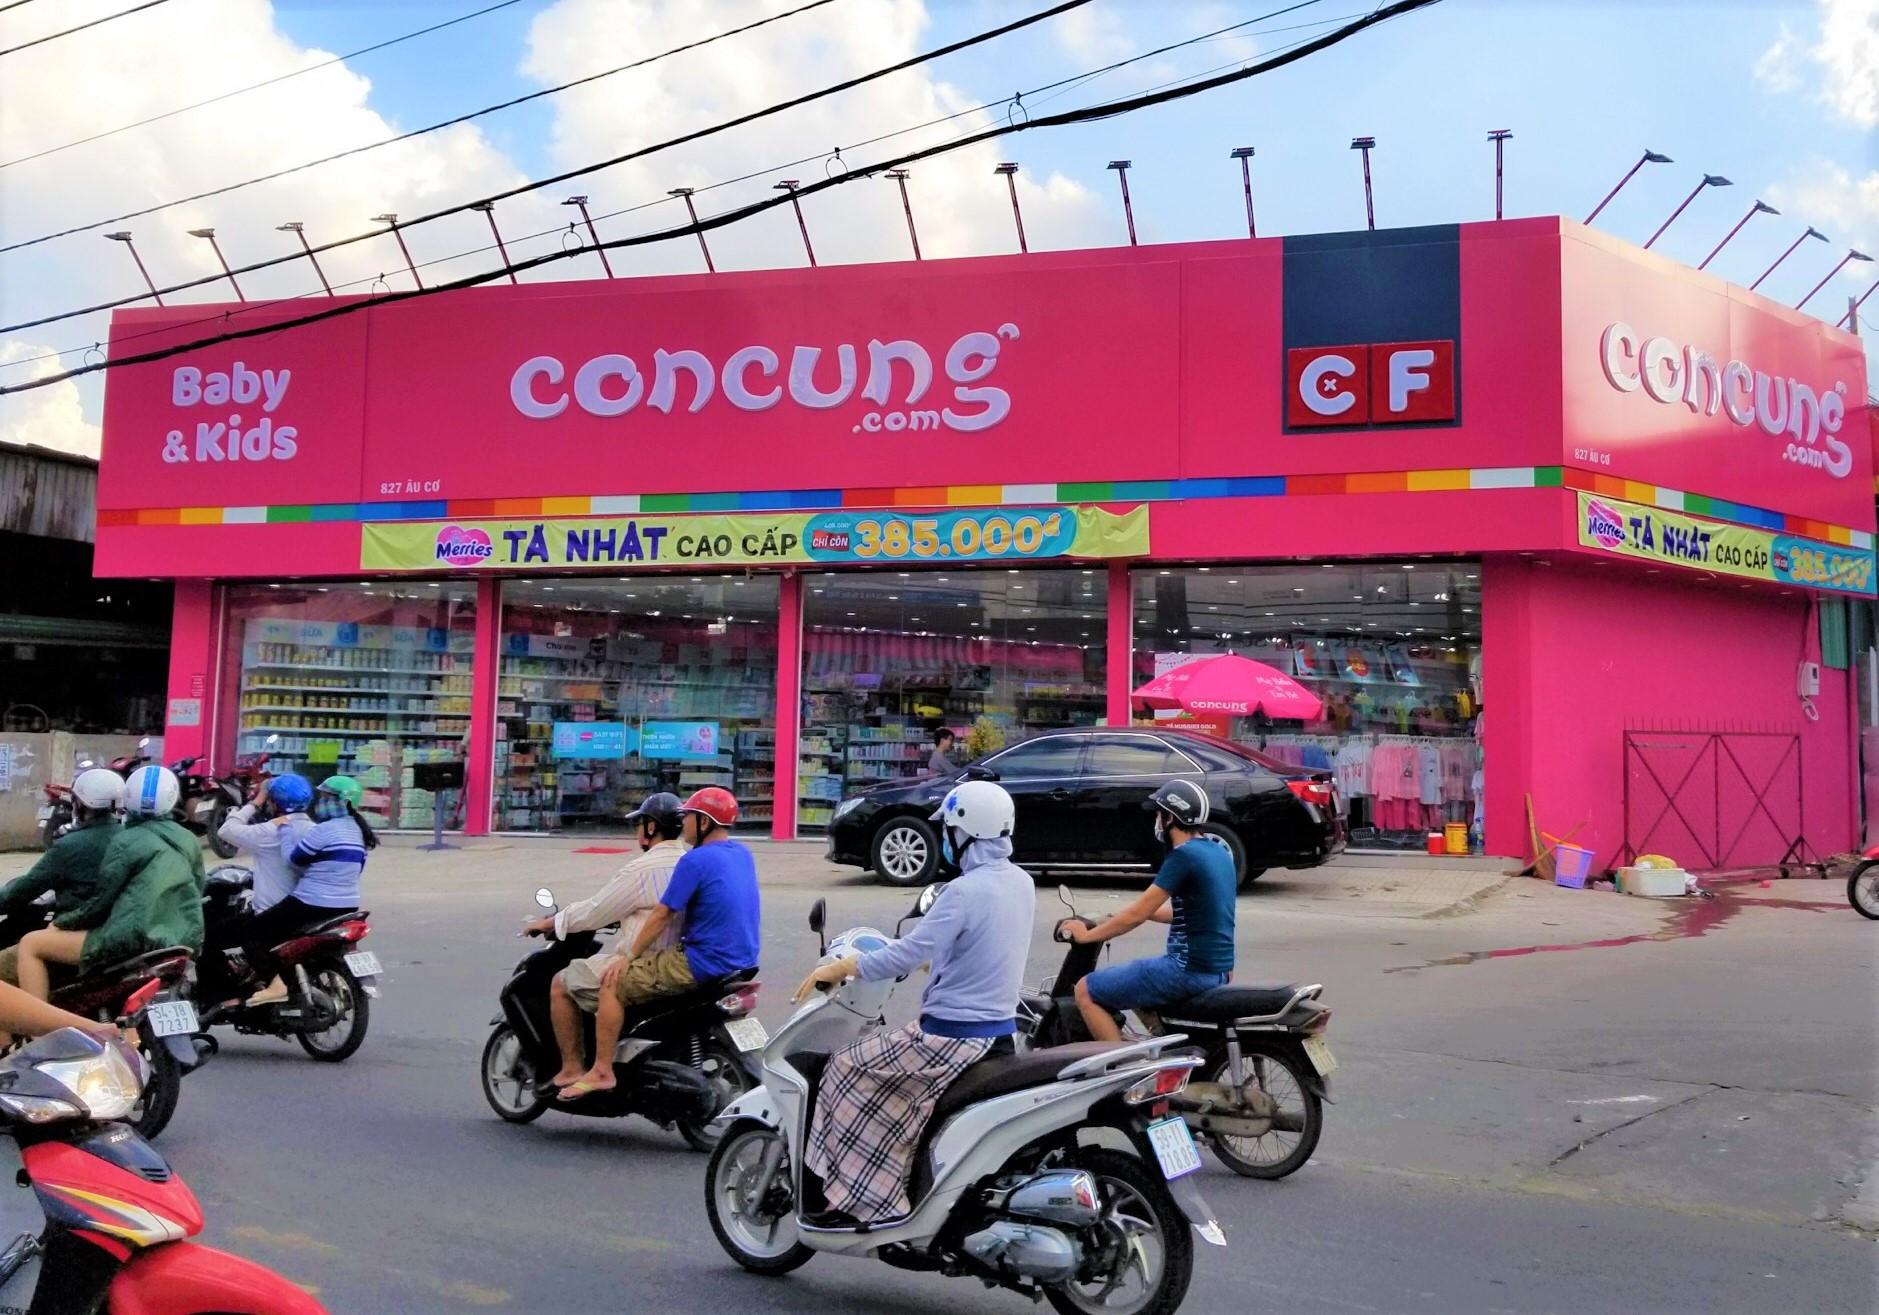 cua-hang-con-cung-1-15626625210551171698698